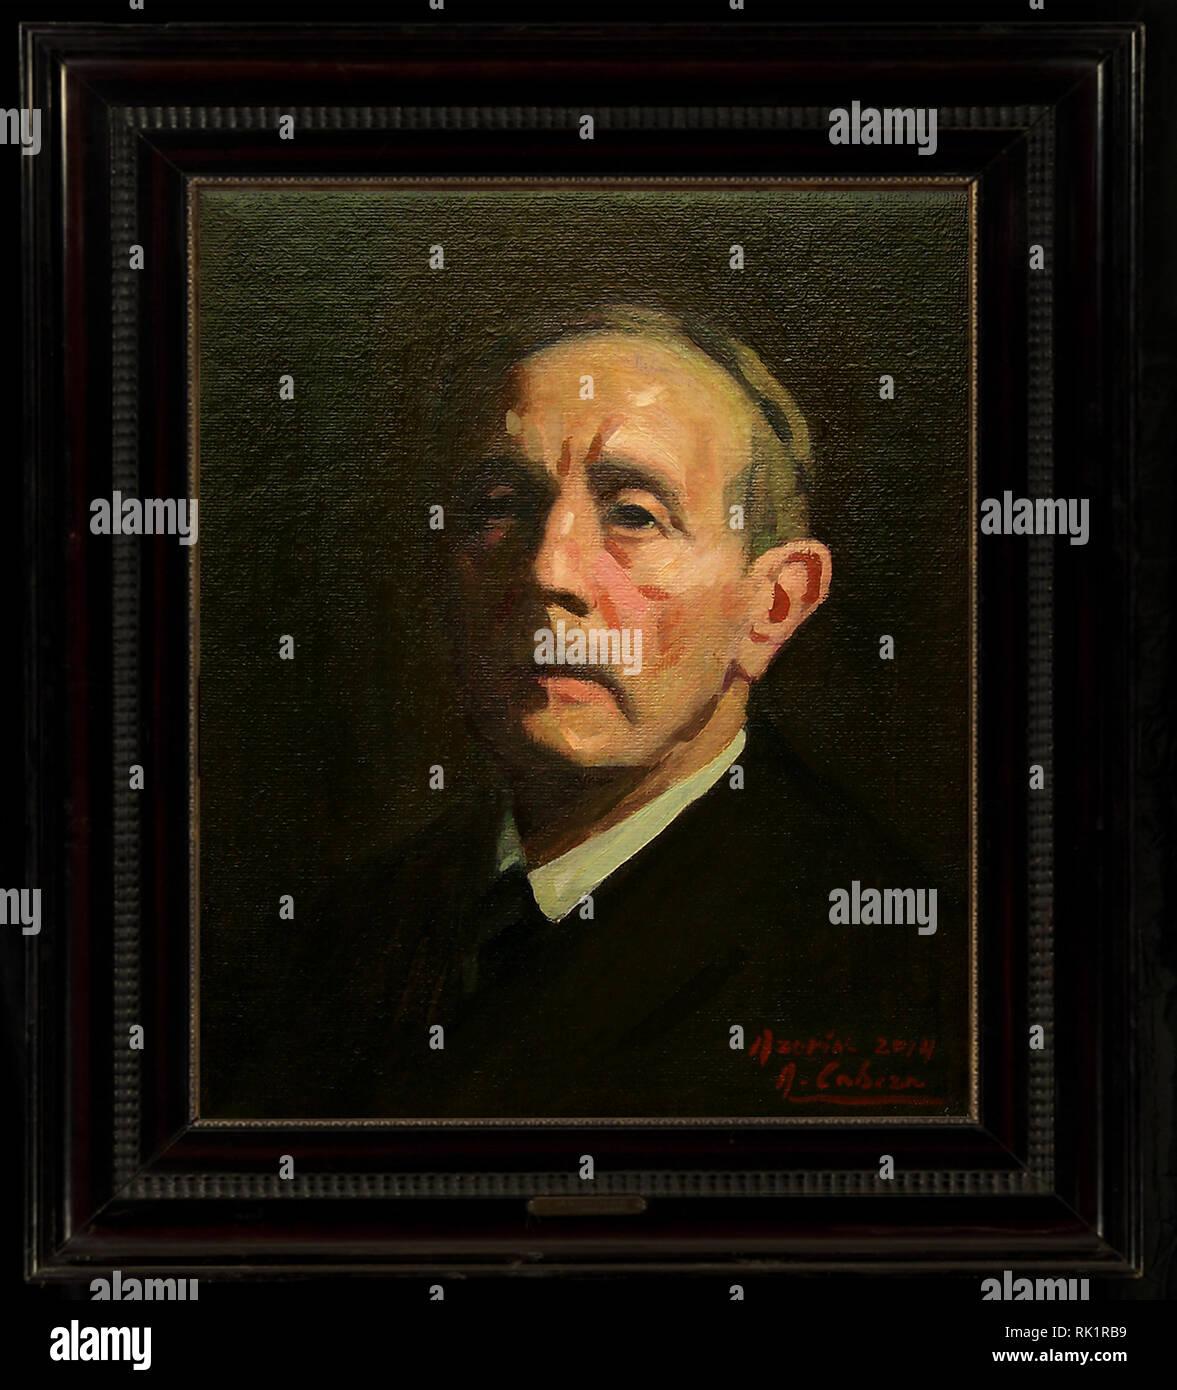 Retrato de Azorín por el artista español Alejandro Cabeza - Stock Image